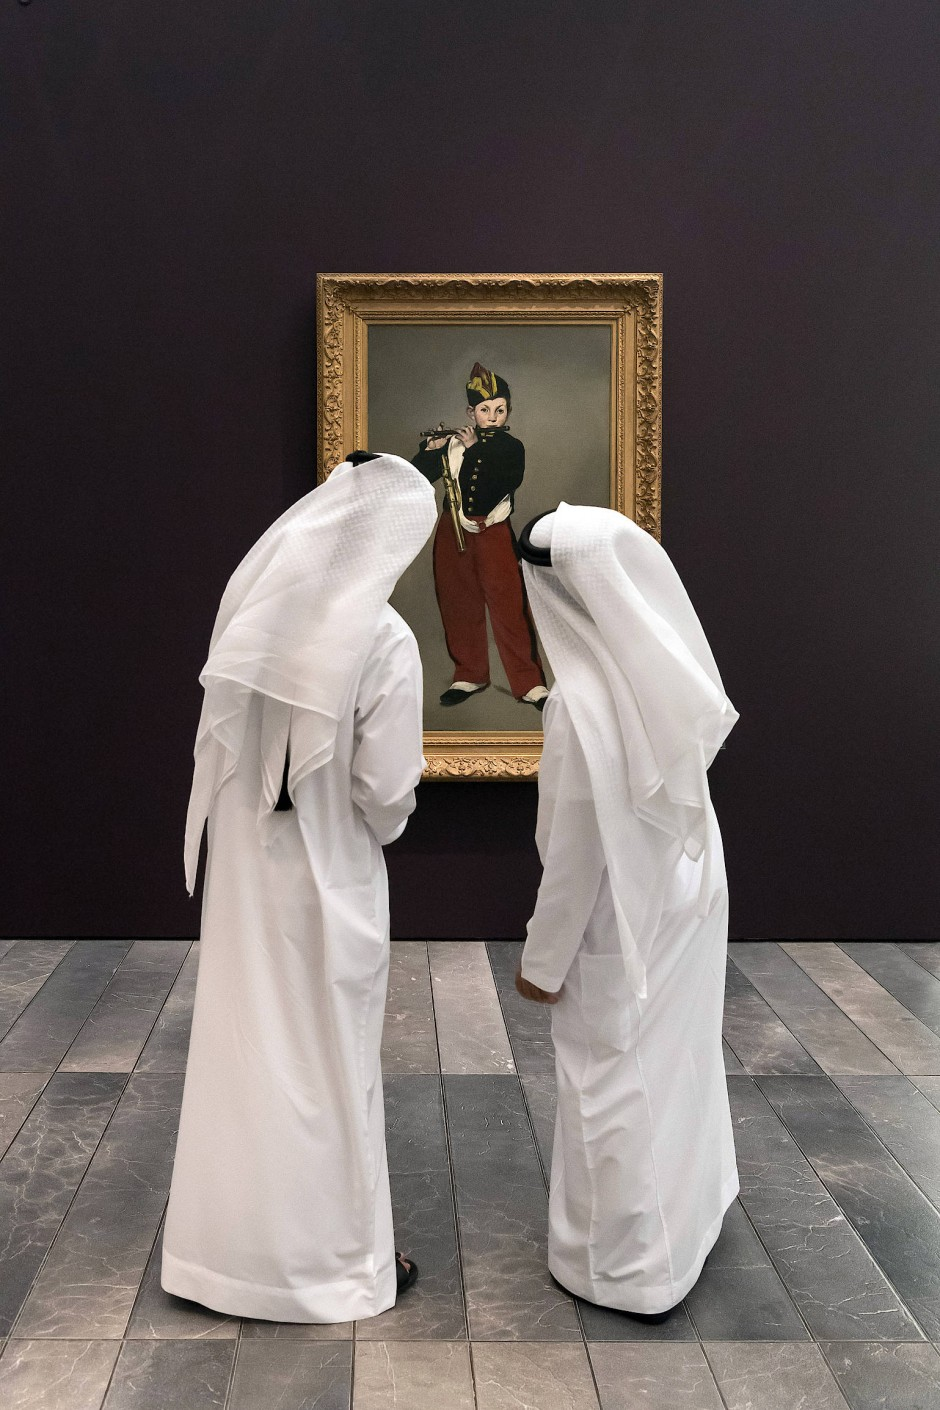 """Auch ein Gast auf Zeit im Louvre Abu Dhabi: Éduard Manets berühmtes Gemälde """"Der Pfeifer"""" von 1866, aus dem Musée d'Orsay in Paris"""